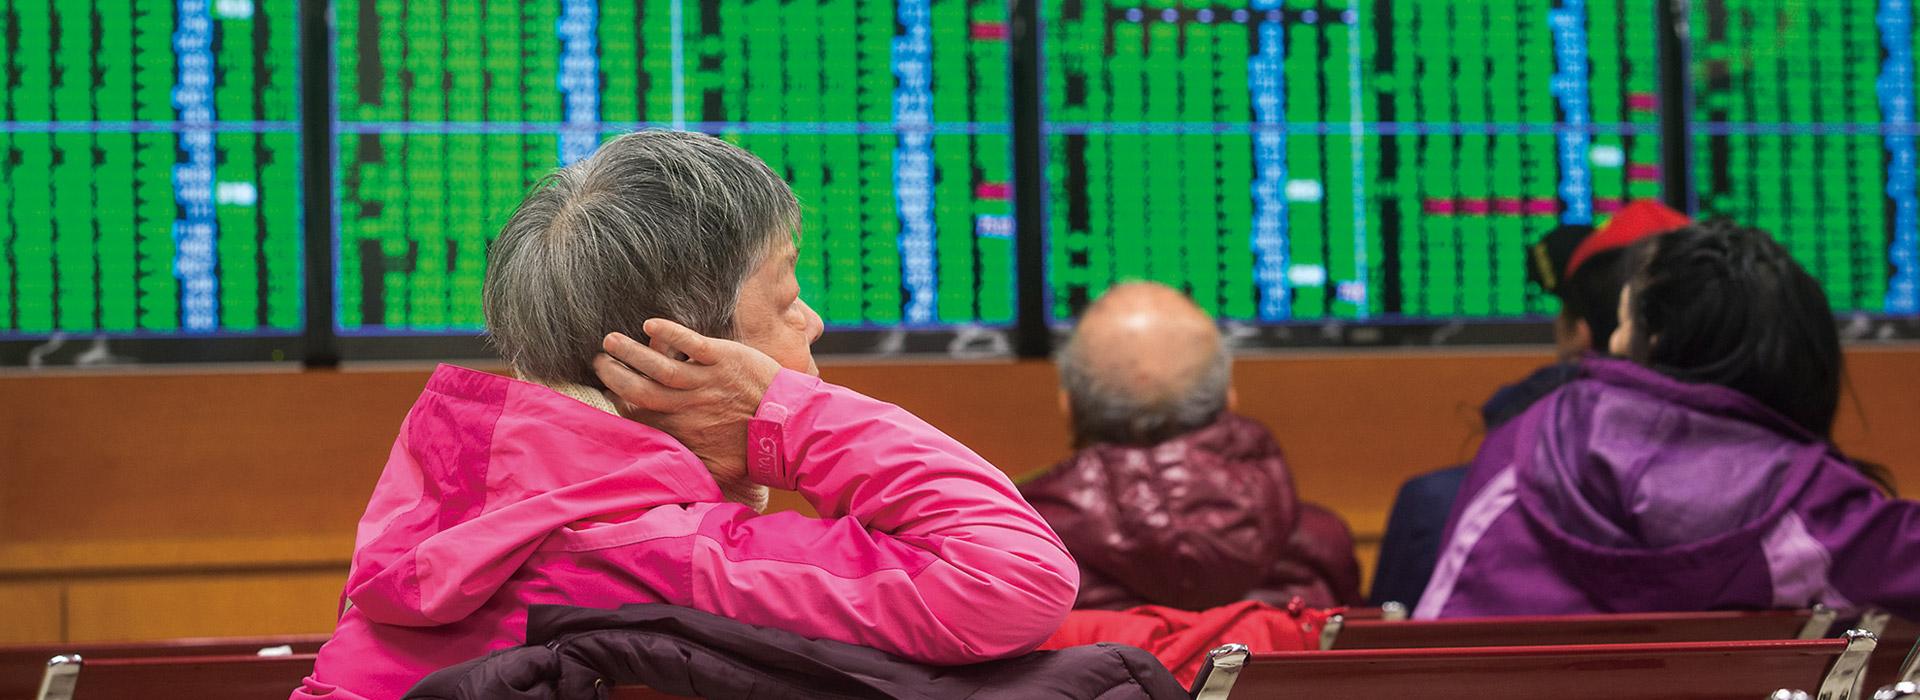 股市閃崩後 七大名師的攻守教戰